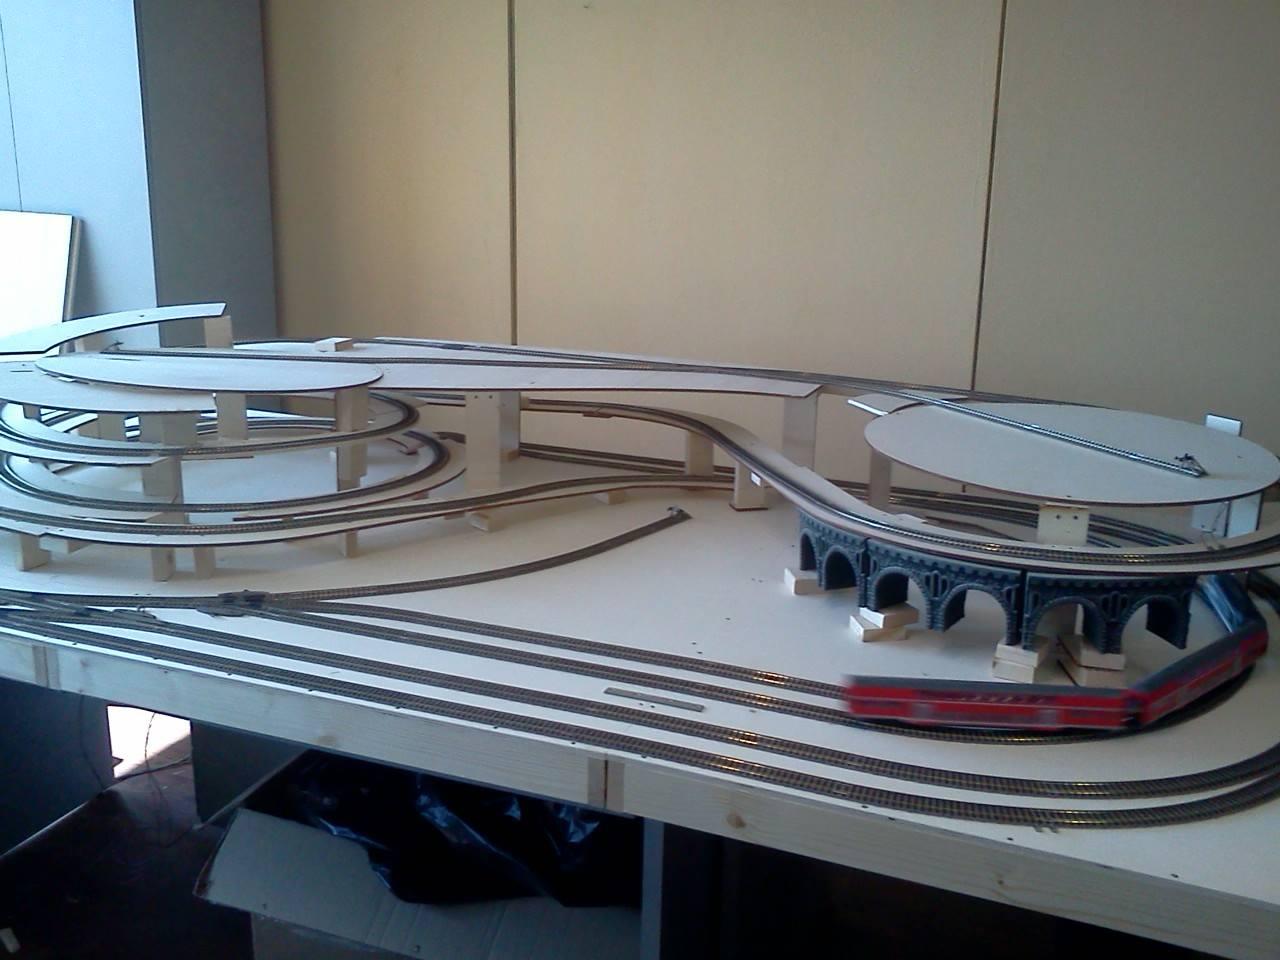 Schema Elettrico Per Plastico Ferroviario : Csn plastico h a fasi digitale modellismo ferroviario